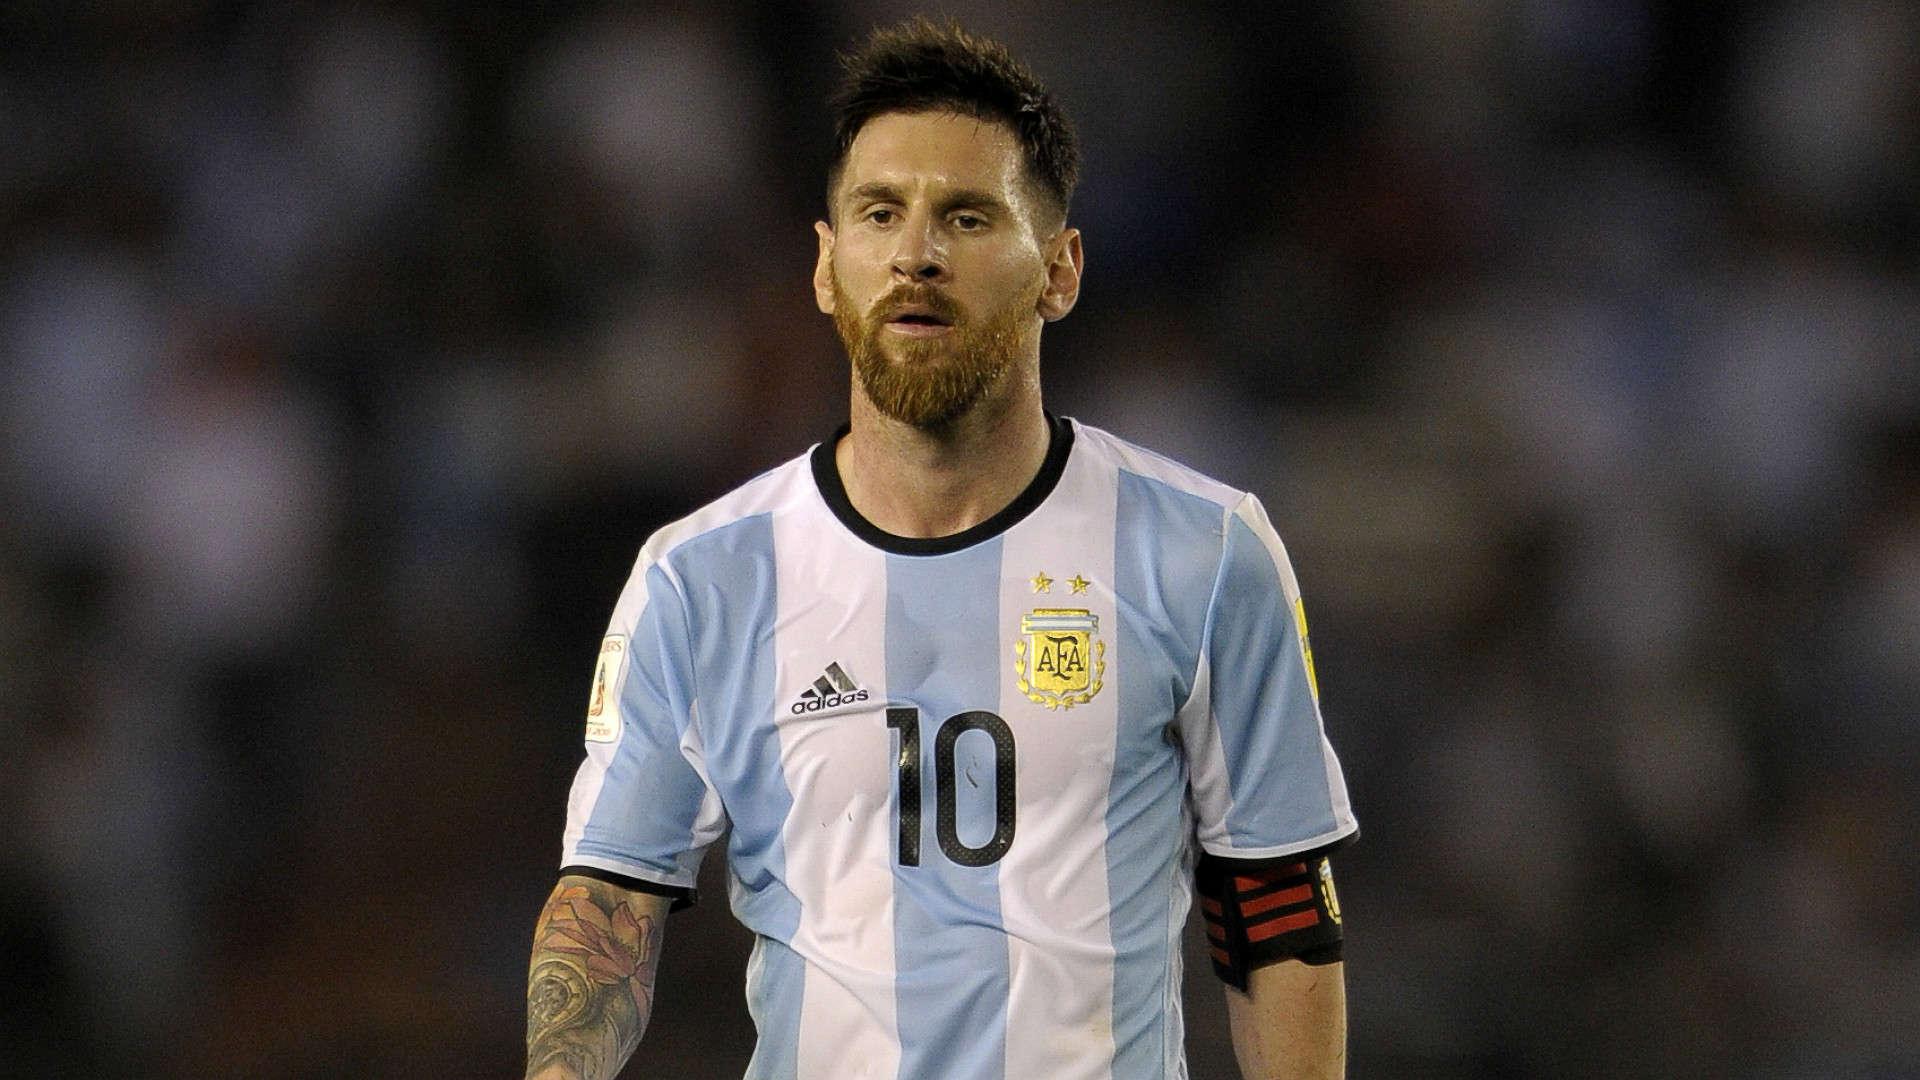 Đêm nay Messi sẽ cùng Argentina tiếp tục đi chinh phục giấc mơ World Cup của mình